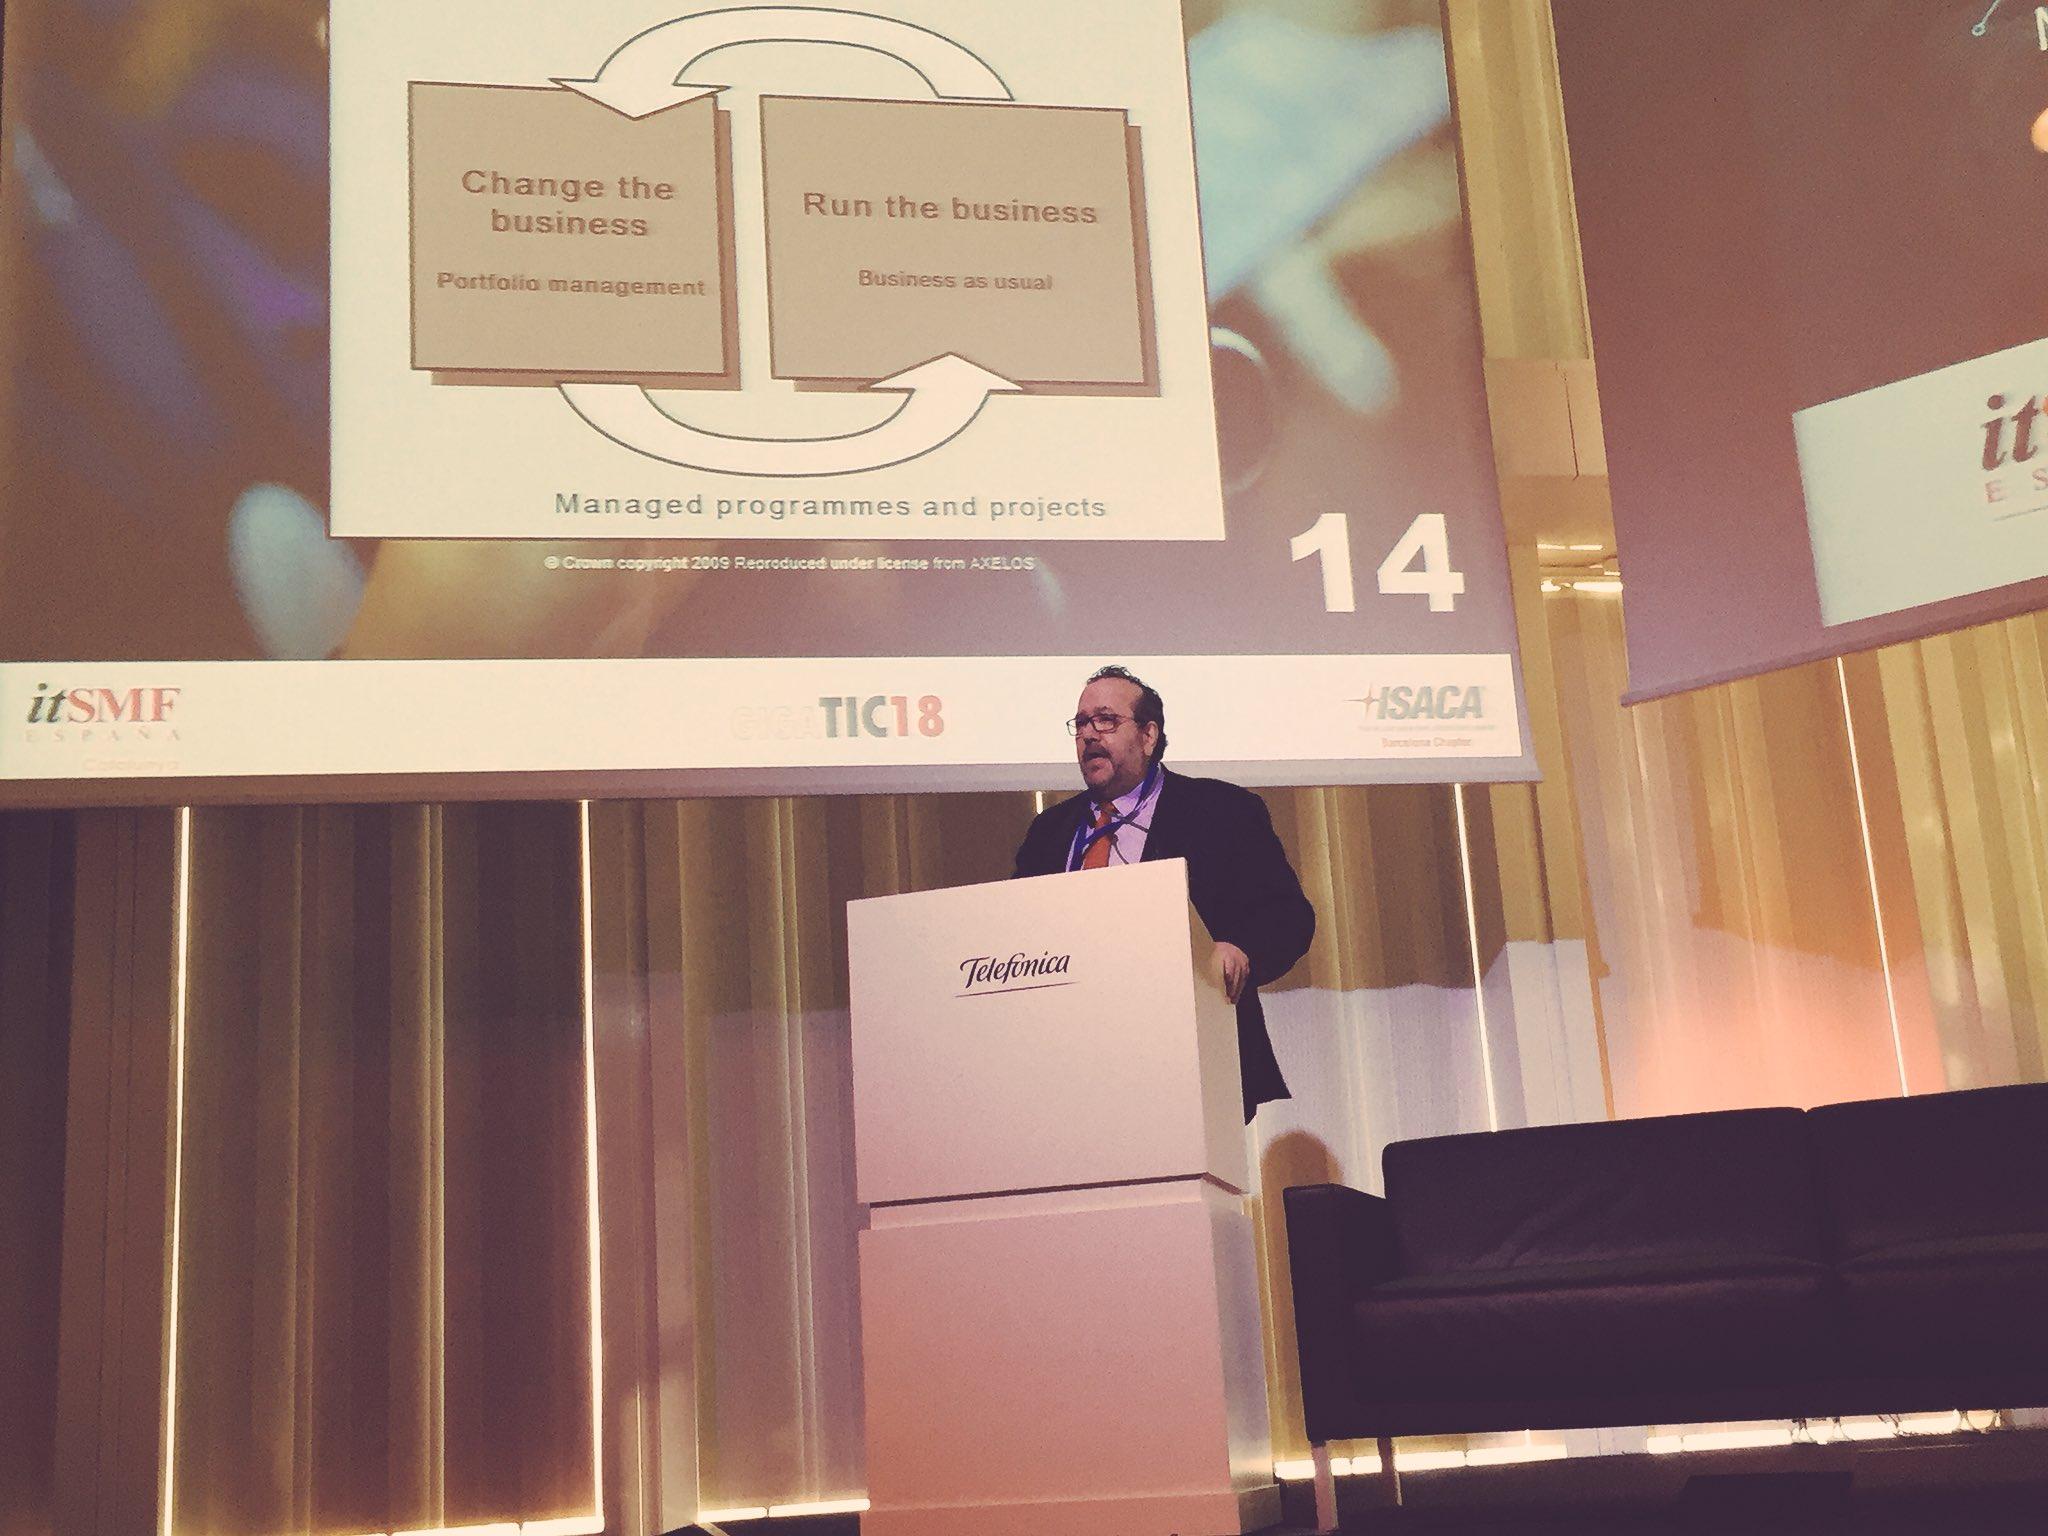 Conferencia de Javier Peris sobre Marcos Integradores (AXELOS®, COBIT® 5, VeriSM®) en el Congreso GIGATIC18 de ISACA® Barcelona e itSMF® España